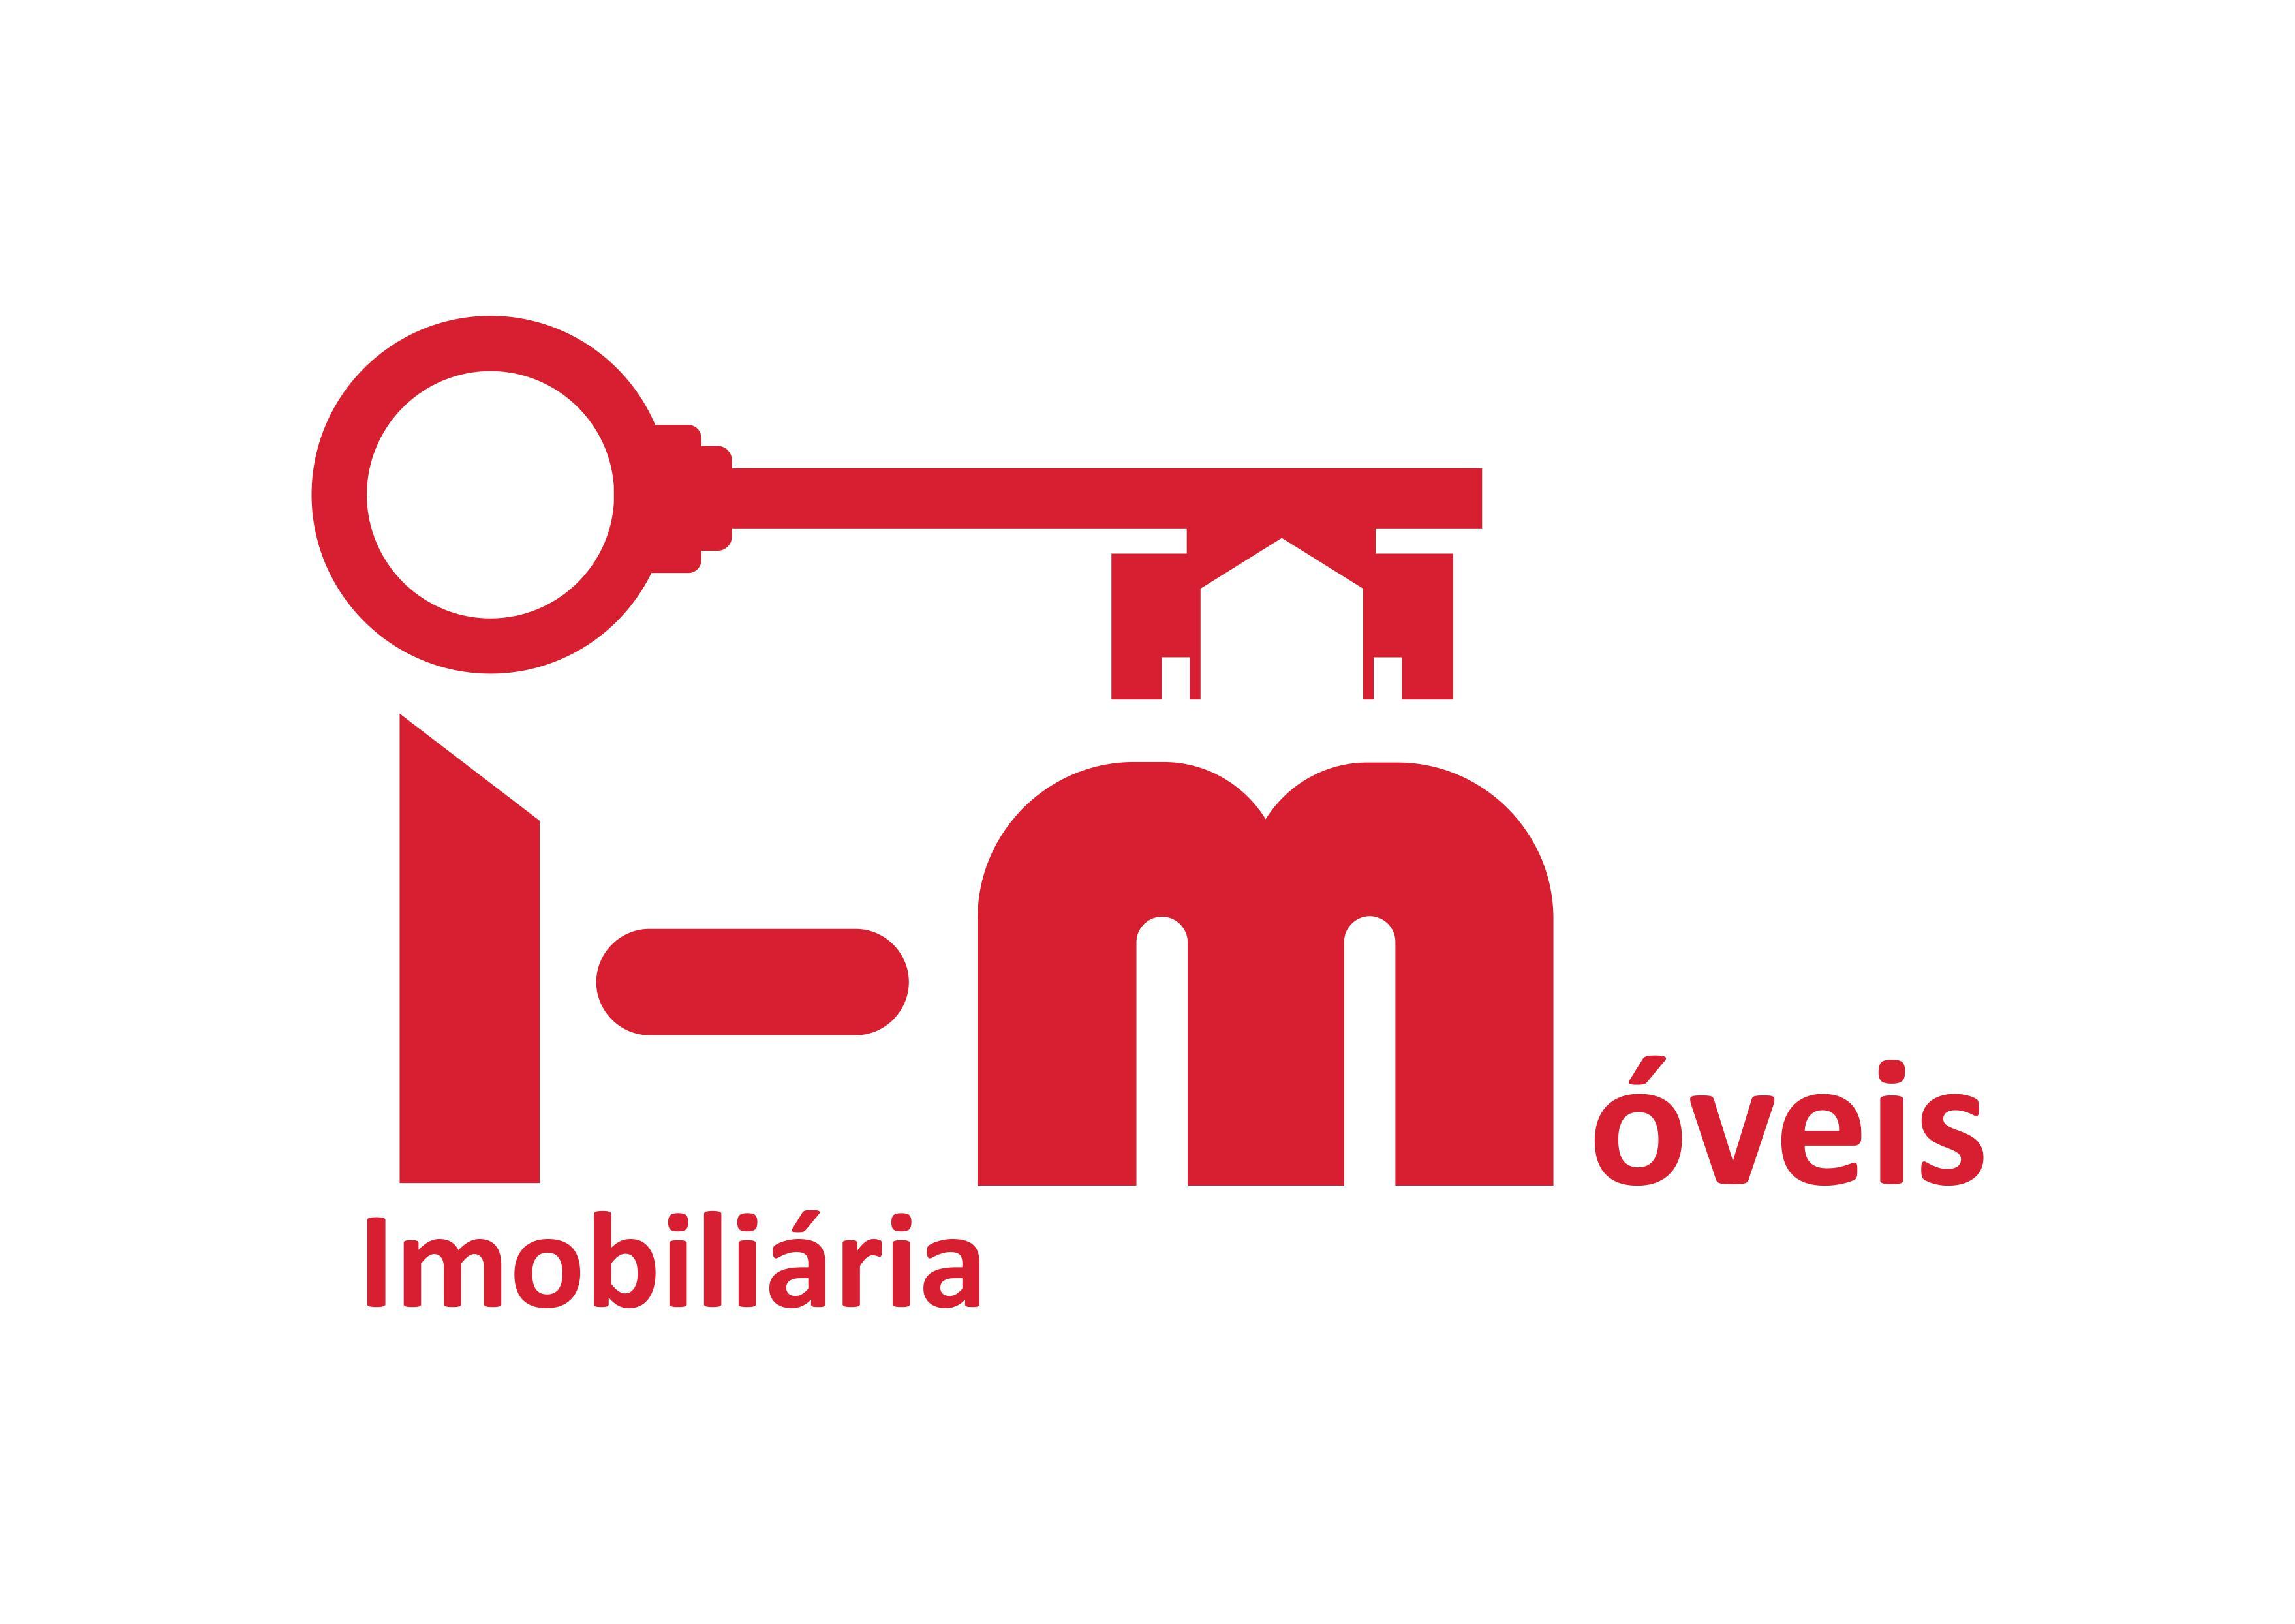 Decisão Cordial Mediação Imobiliária Lda